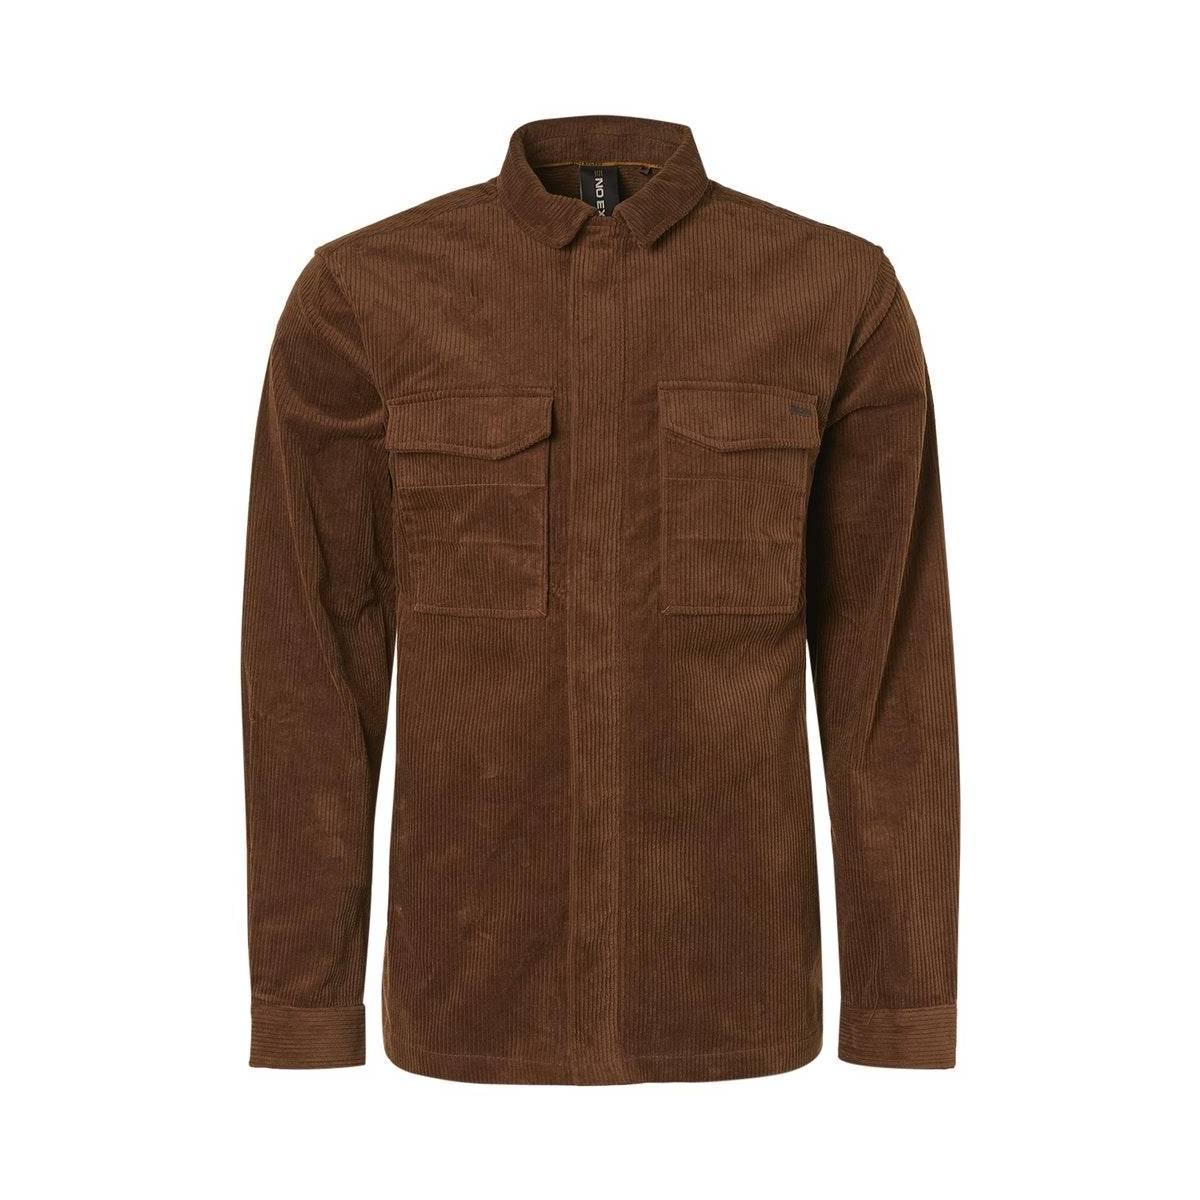 Bruine heren overshirt No Excess - 12410807-149